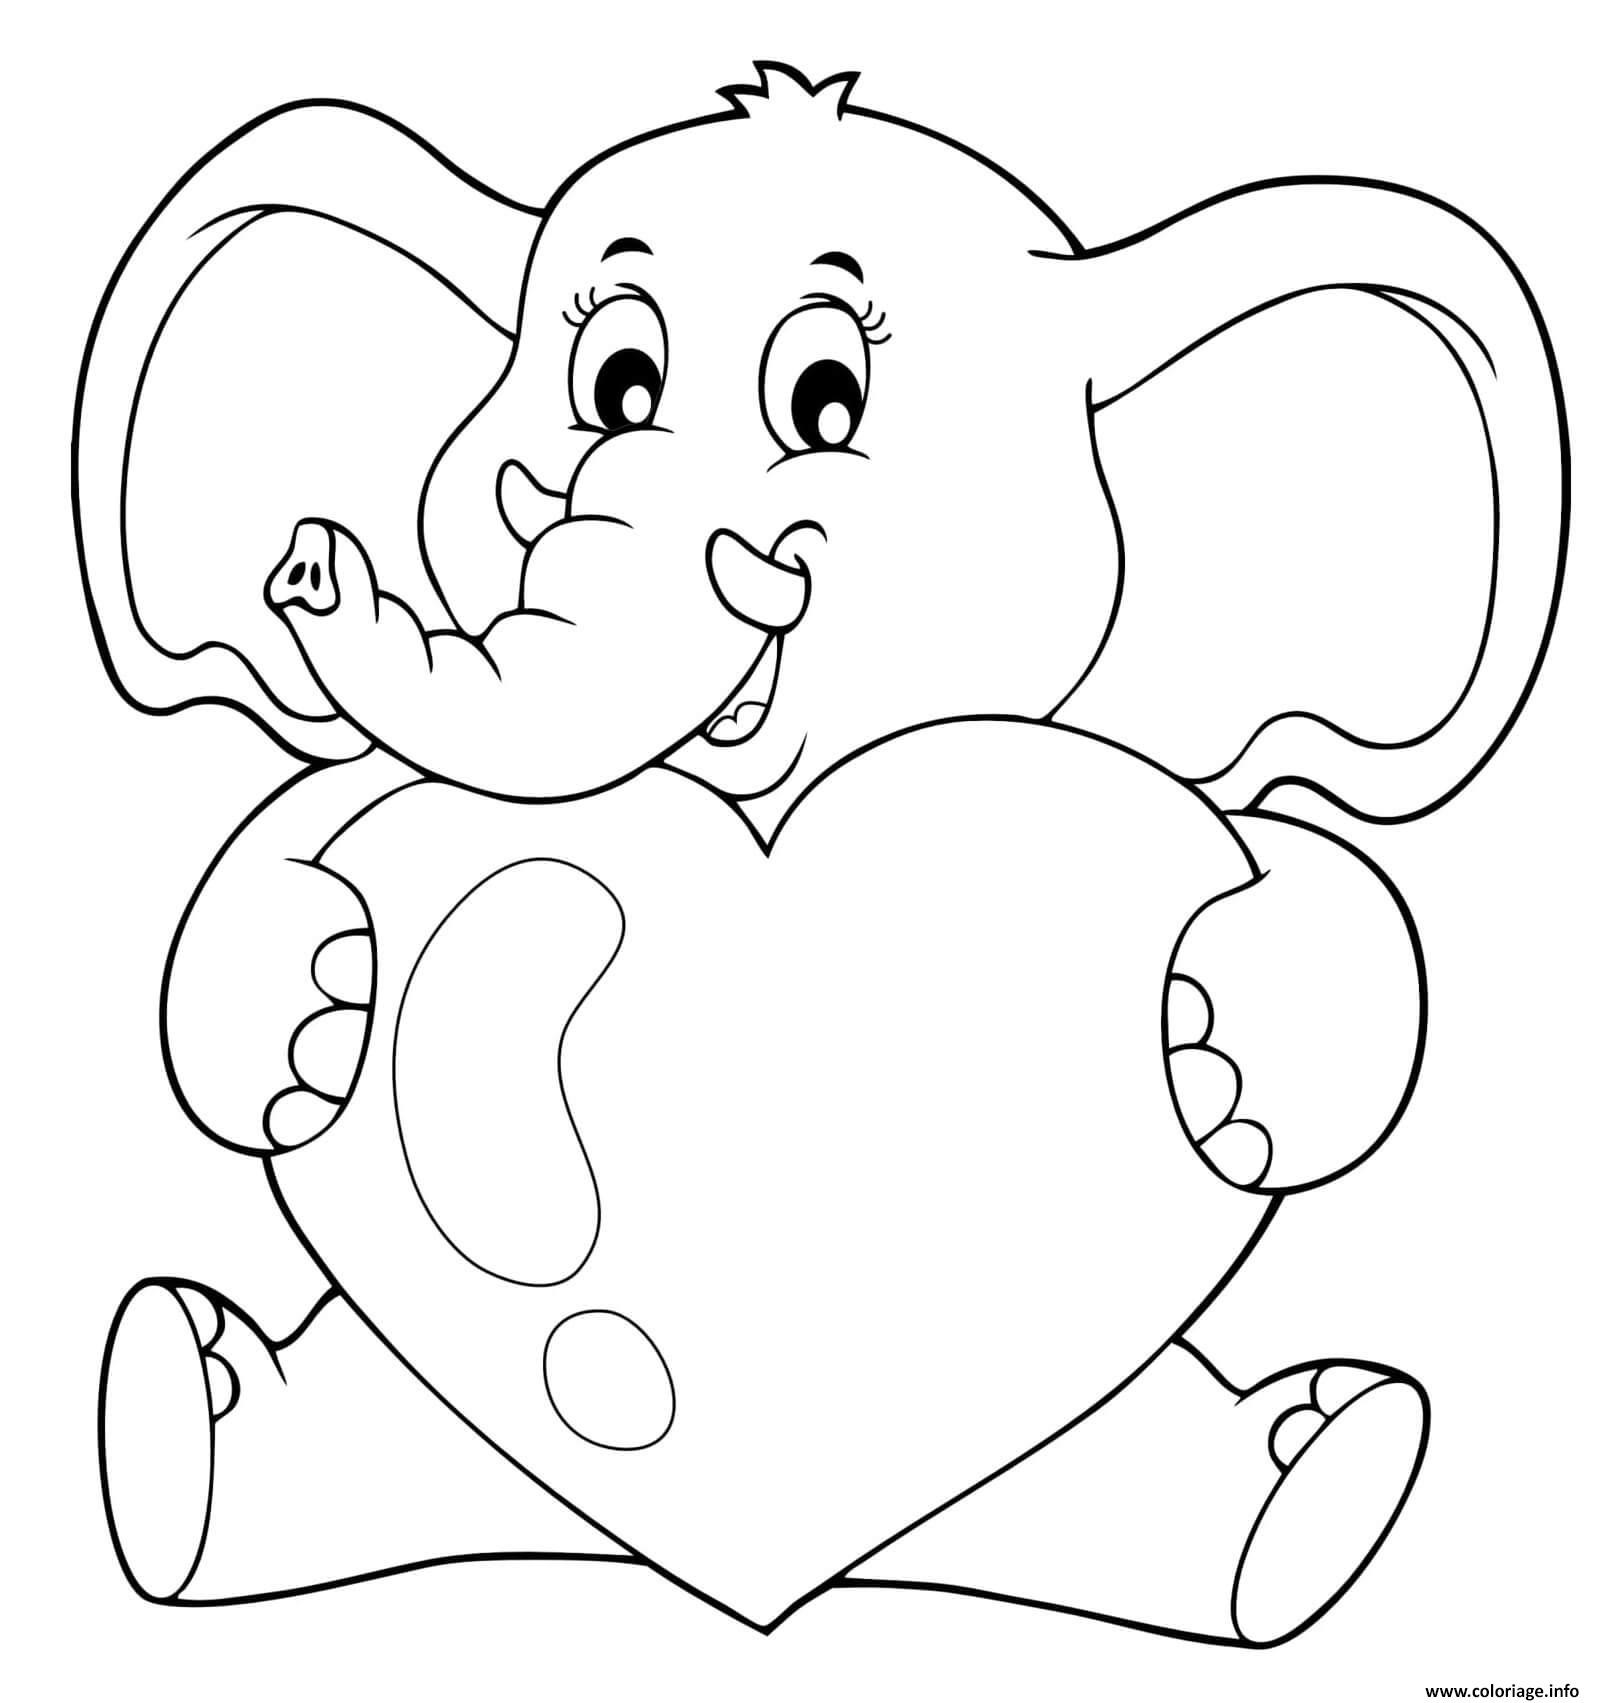 Dessin coeur elephant un grand amoureux Coloriage Gratuit à Imprimer